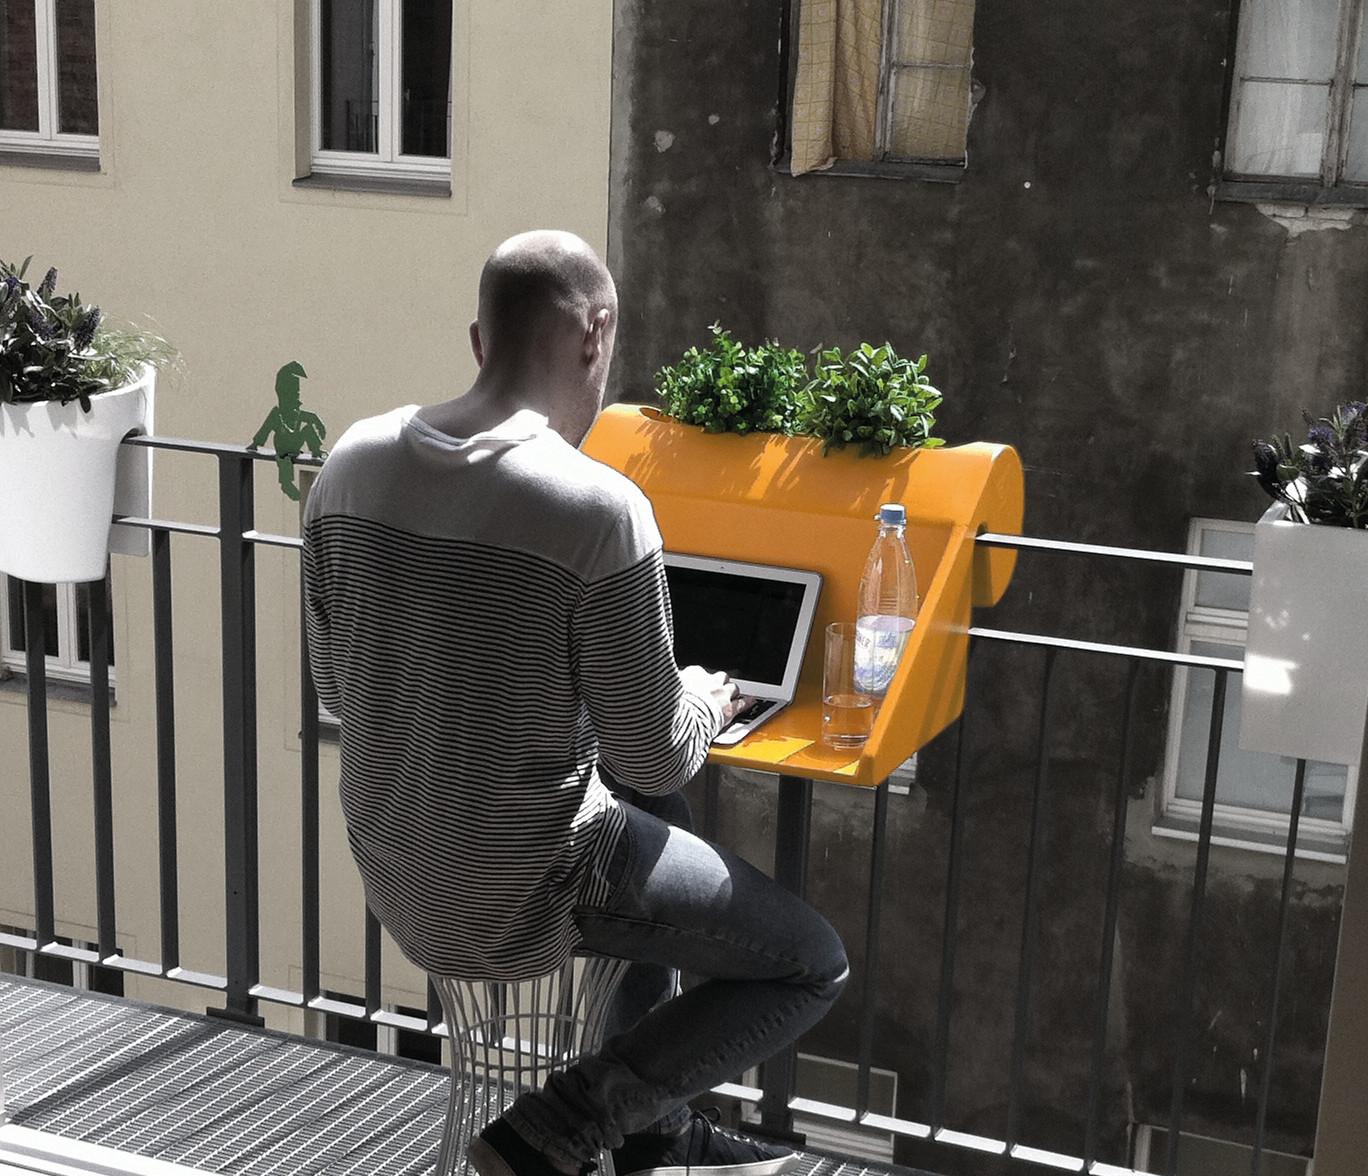 Balkon Ideen Blumenkasten Gelander: Kleiner Balkone